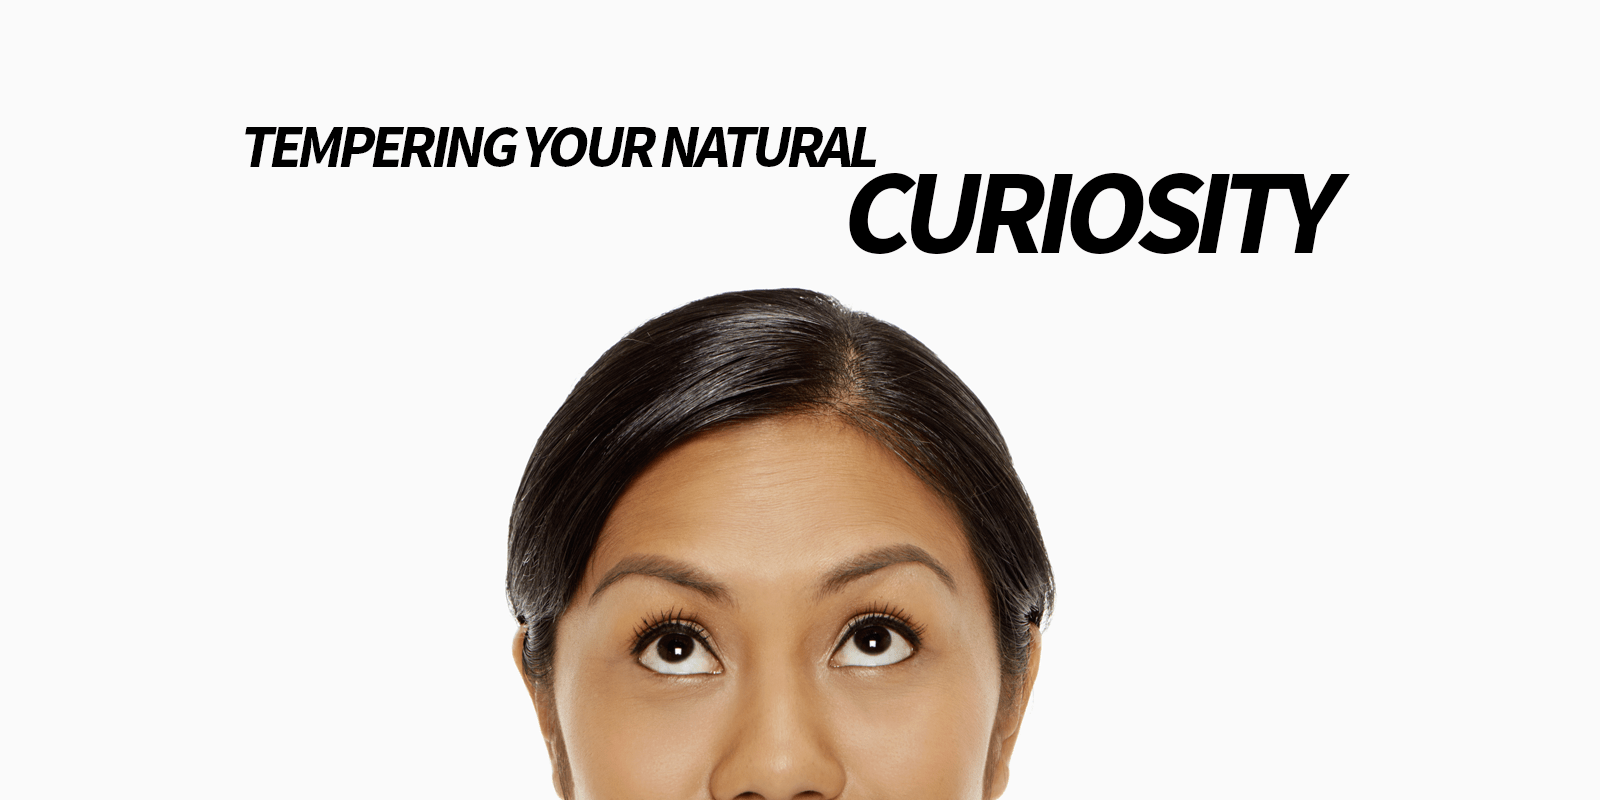 curiousity